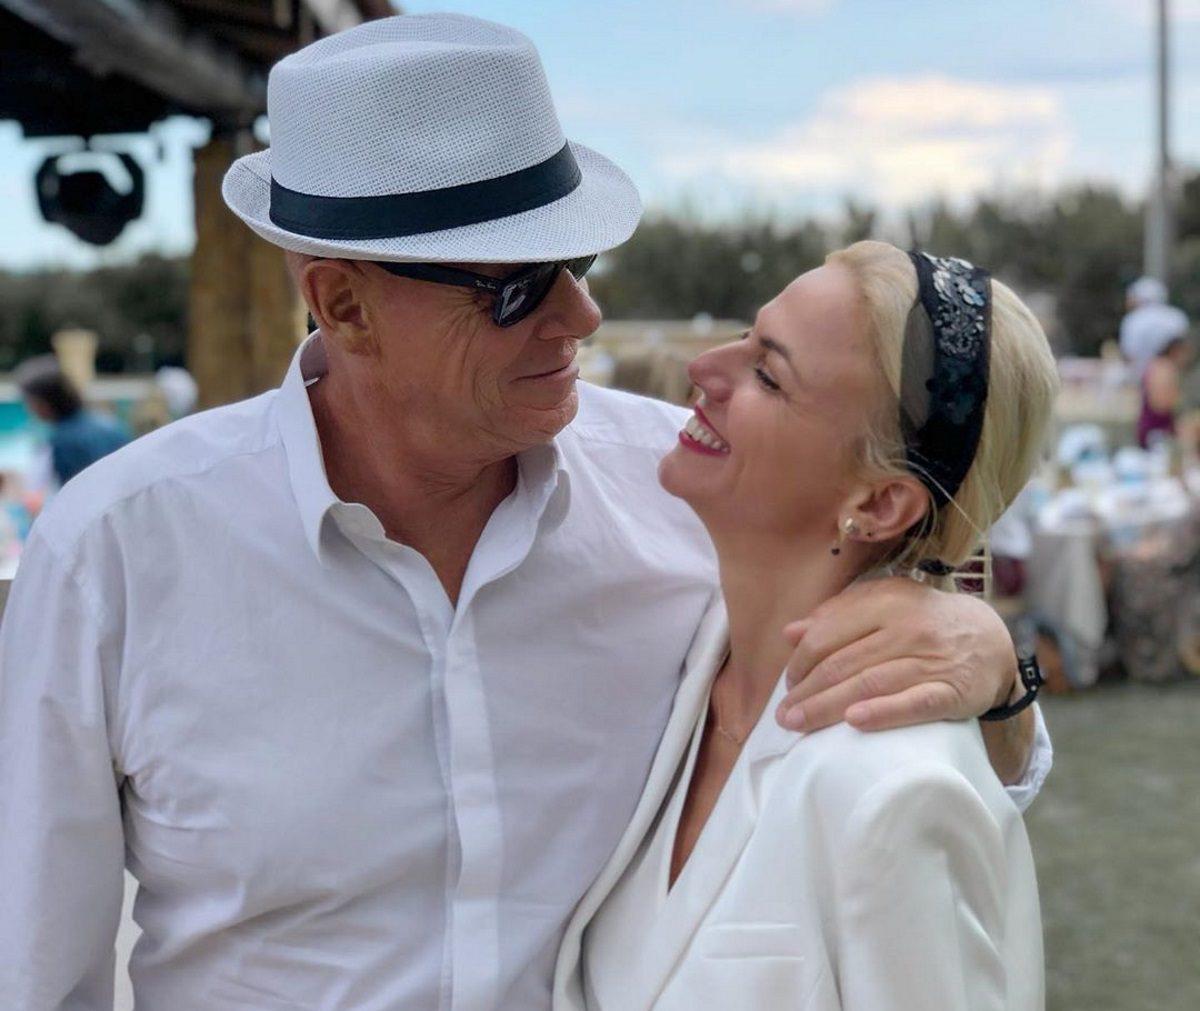 Χριστίνα Κοντοβά – Τζώνη Καλημέρης: Tour από νομό σε νομό για το ερωτευμένο ζευγάρι [pics]